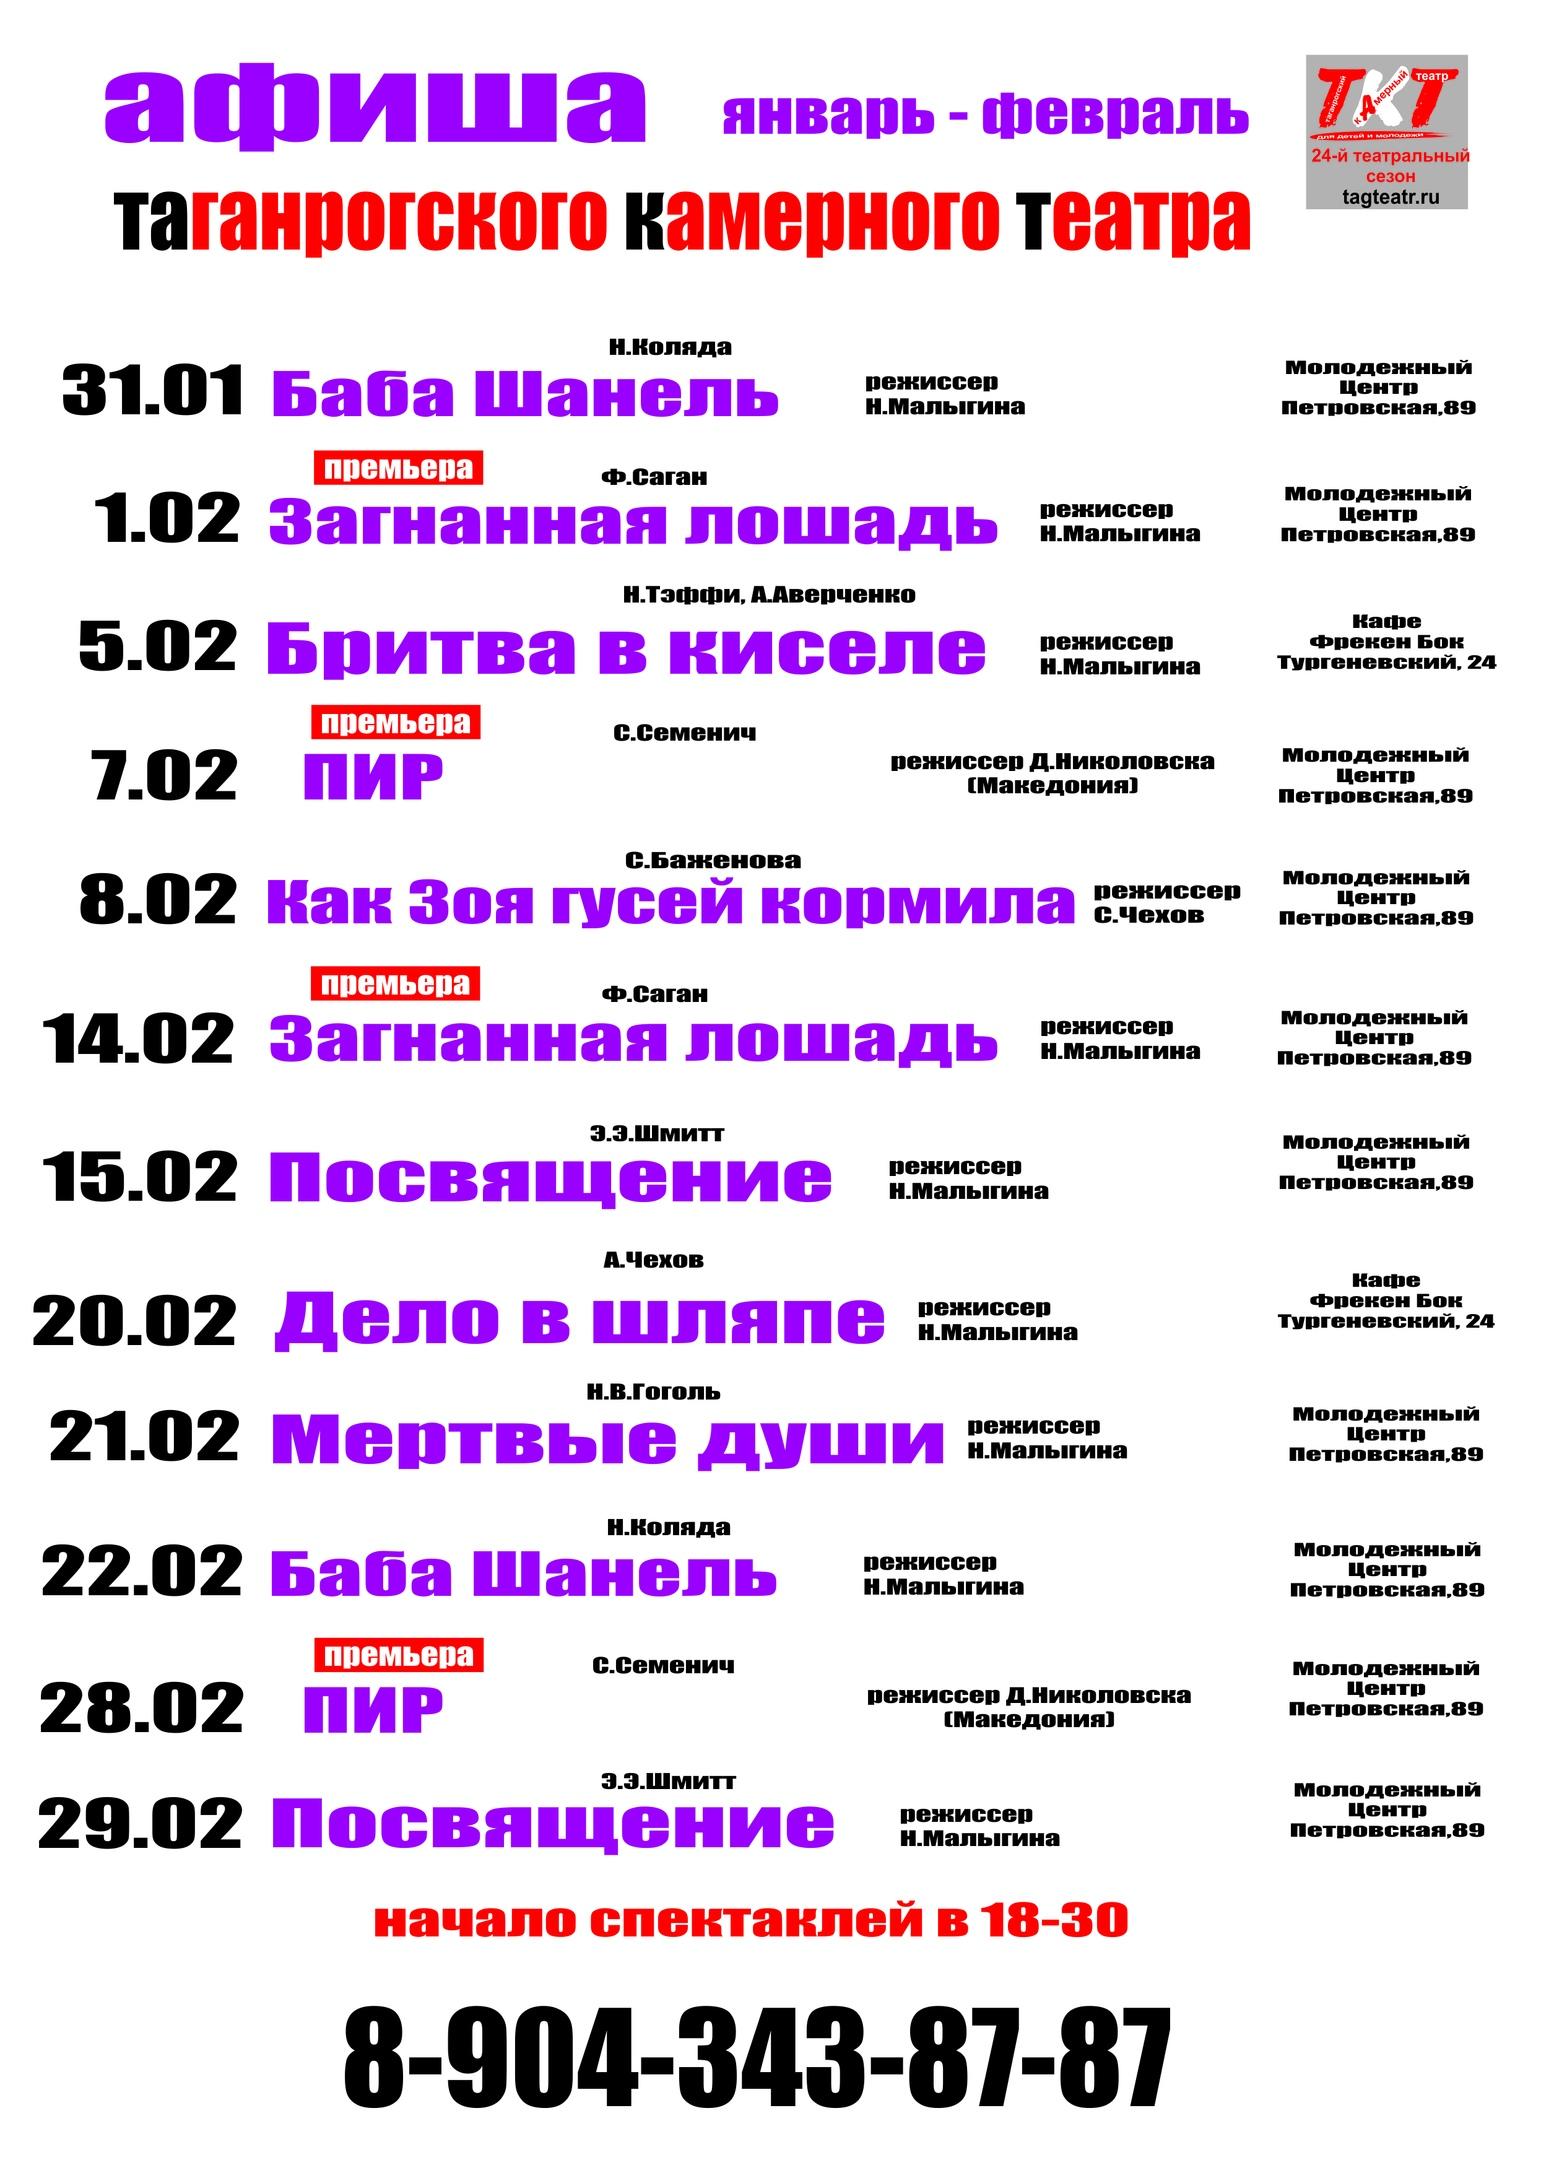 Афиша театра. ЯНВАРЬ и ФЕВРАЛЬ 2020. ТАГАНРОГСКИЙ КАМЕРНЫЙ ТЕАТР